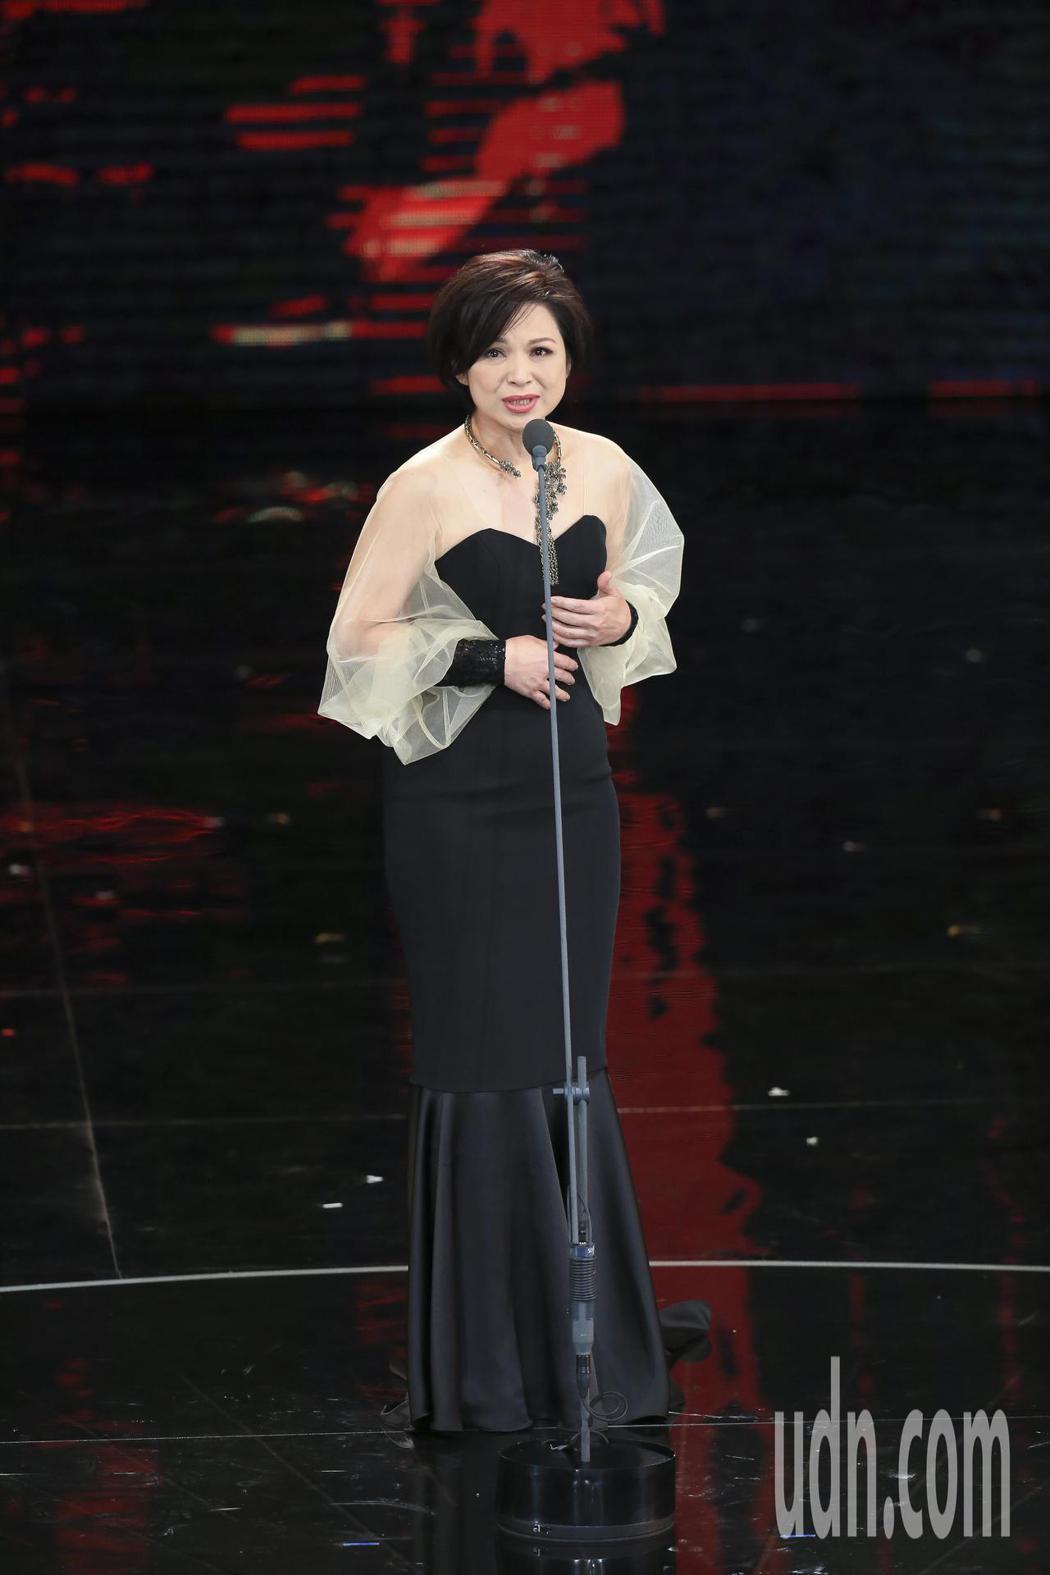 第五十四屆金馬獎頒獎嘉賓楊貴媚。記者陳瑞源/攝影